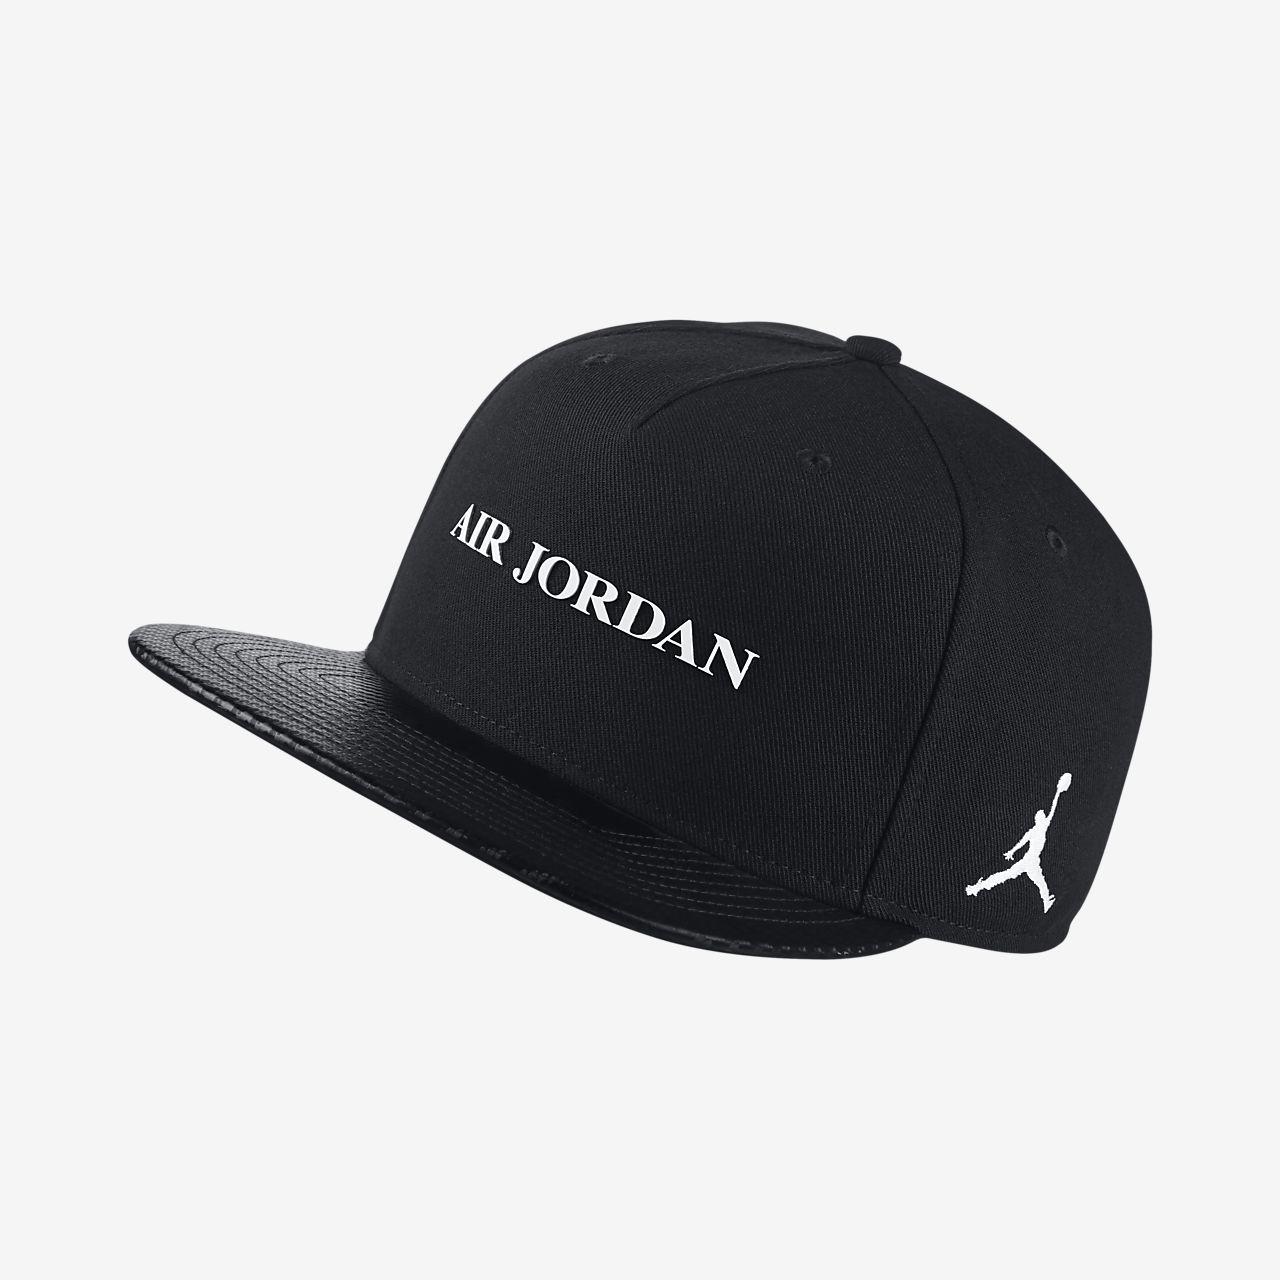 หมวกปรับได้ Jordan Jumpman Pro AJ 10